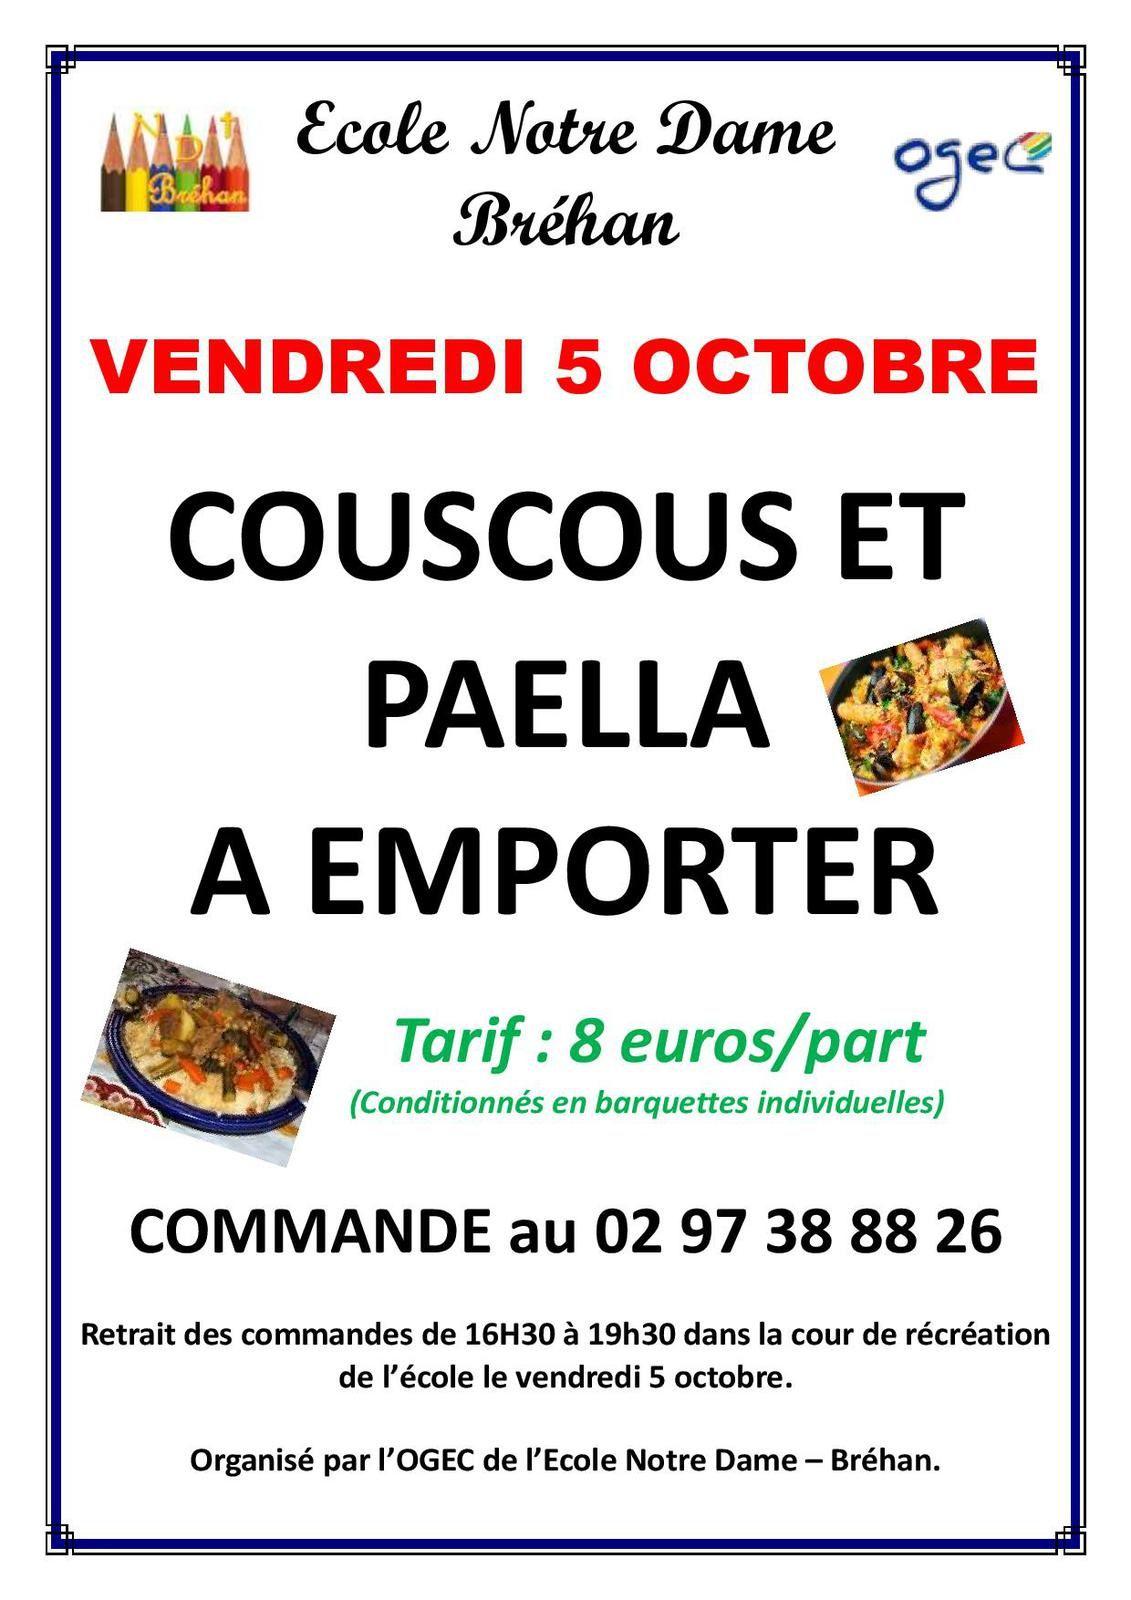 VENTE DE COUSCOUS / PAELLA A EMPORTER